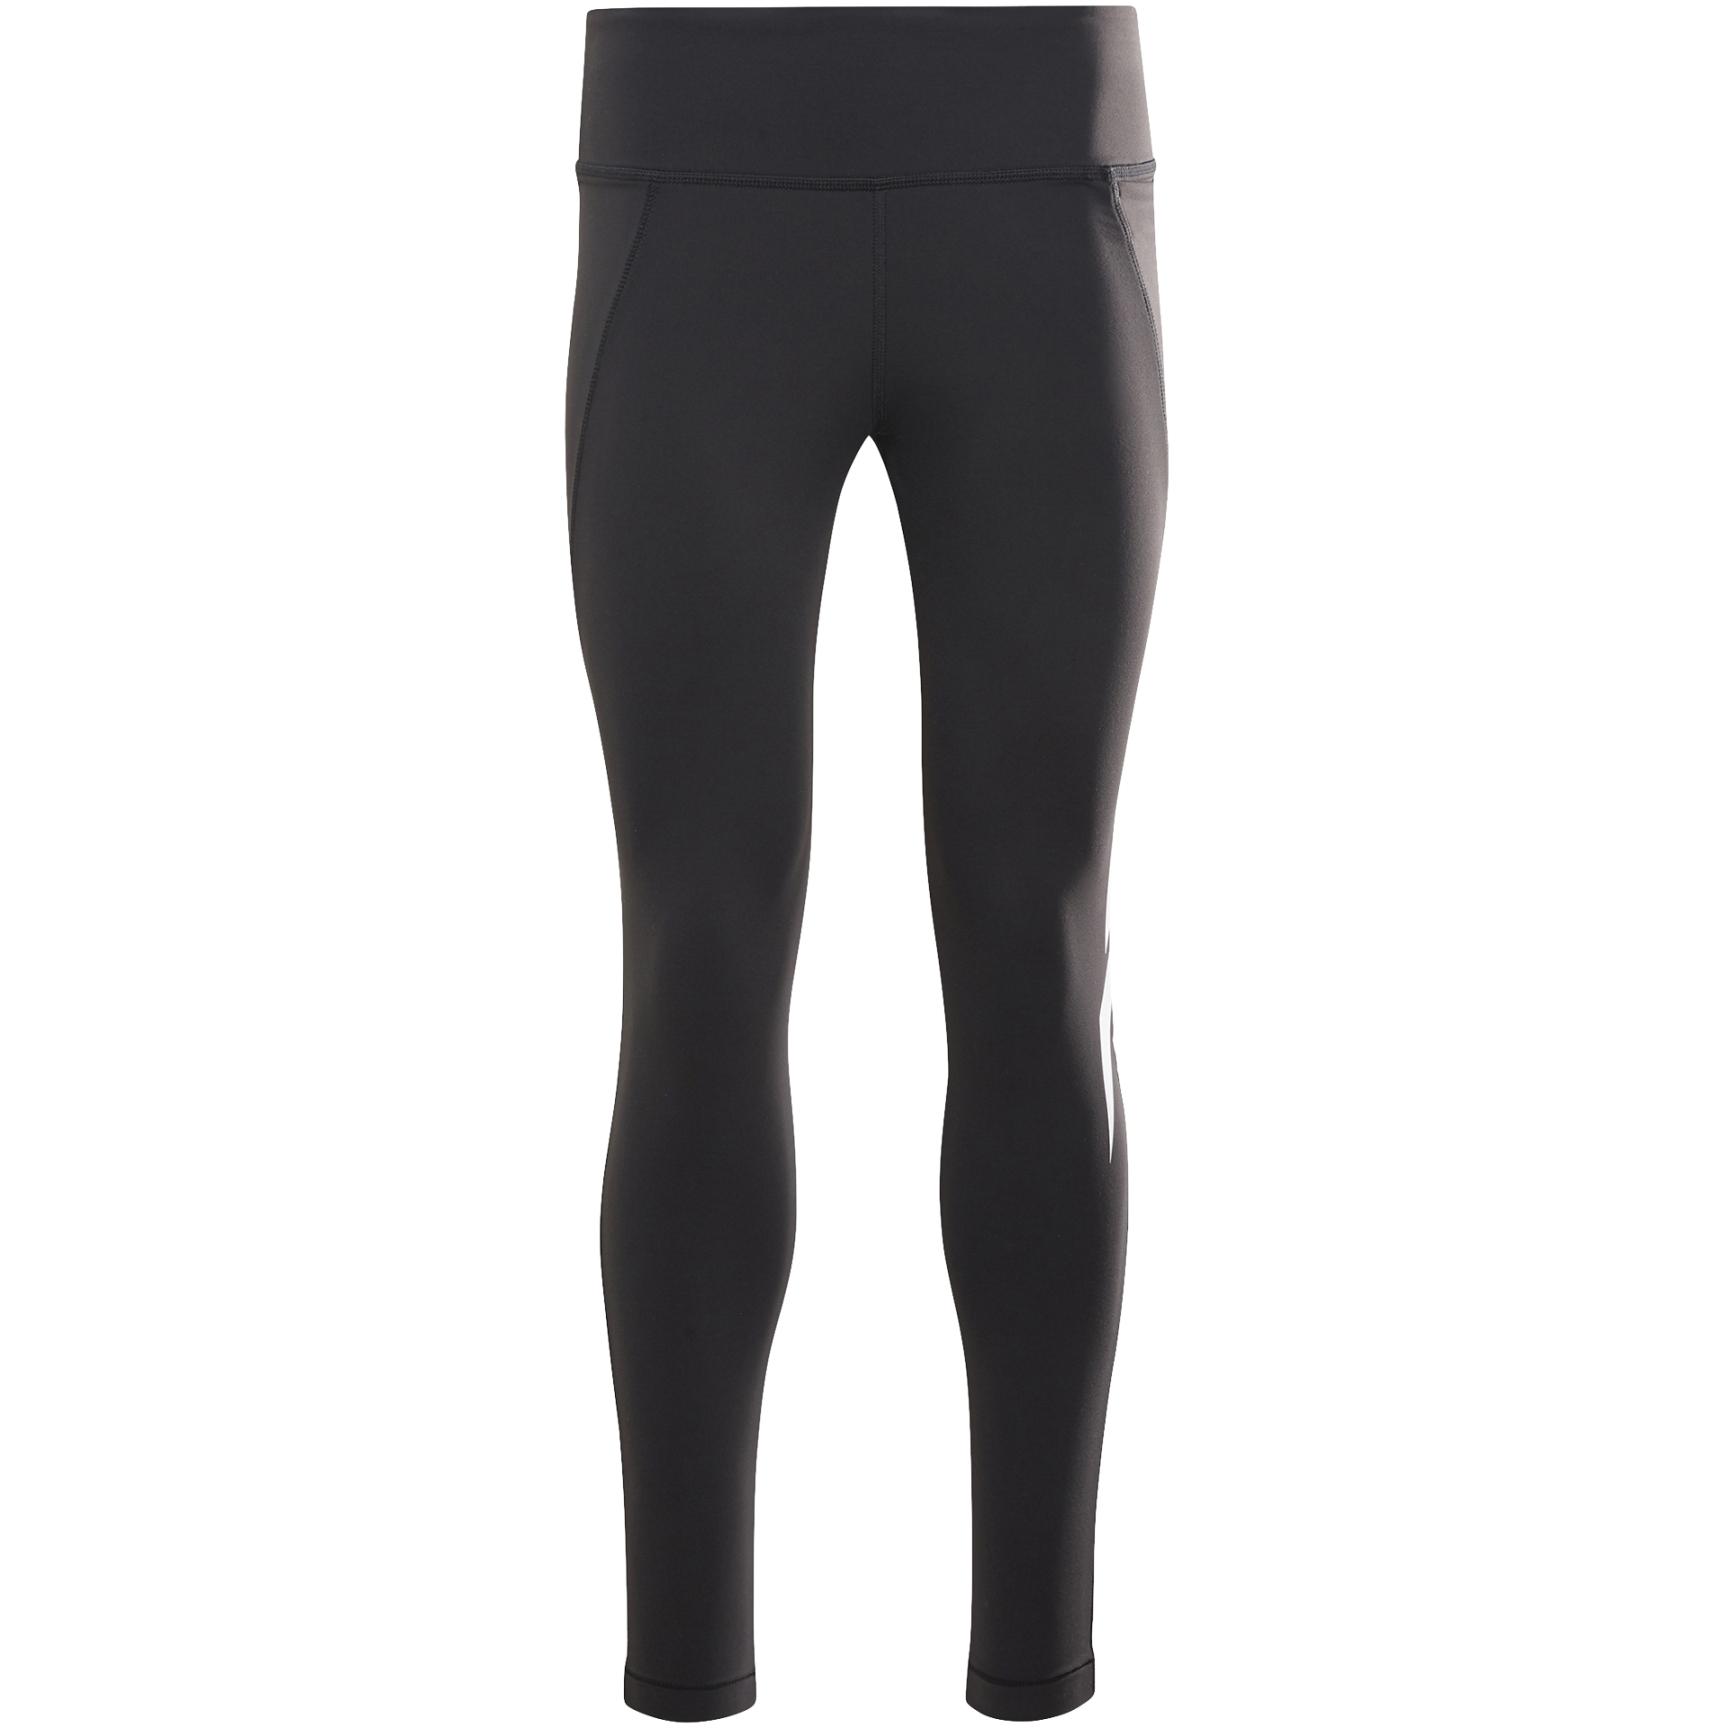 Reebok Lux Leggings Women's Tights - black